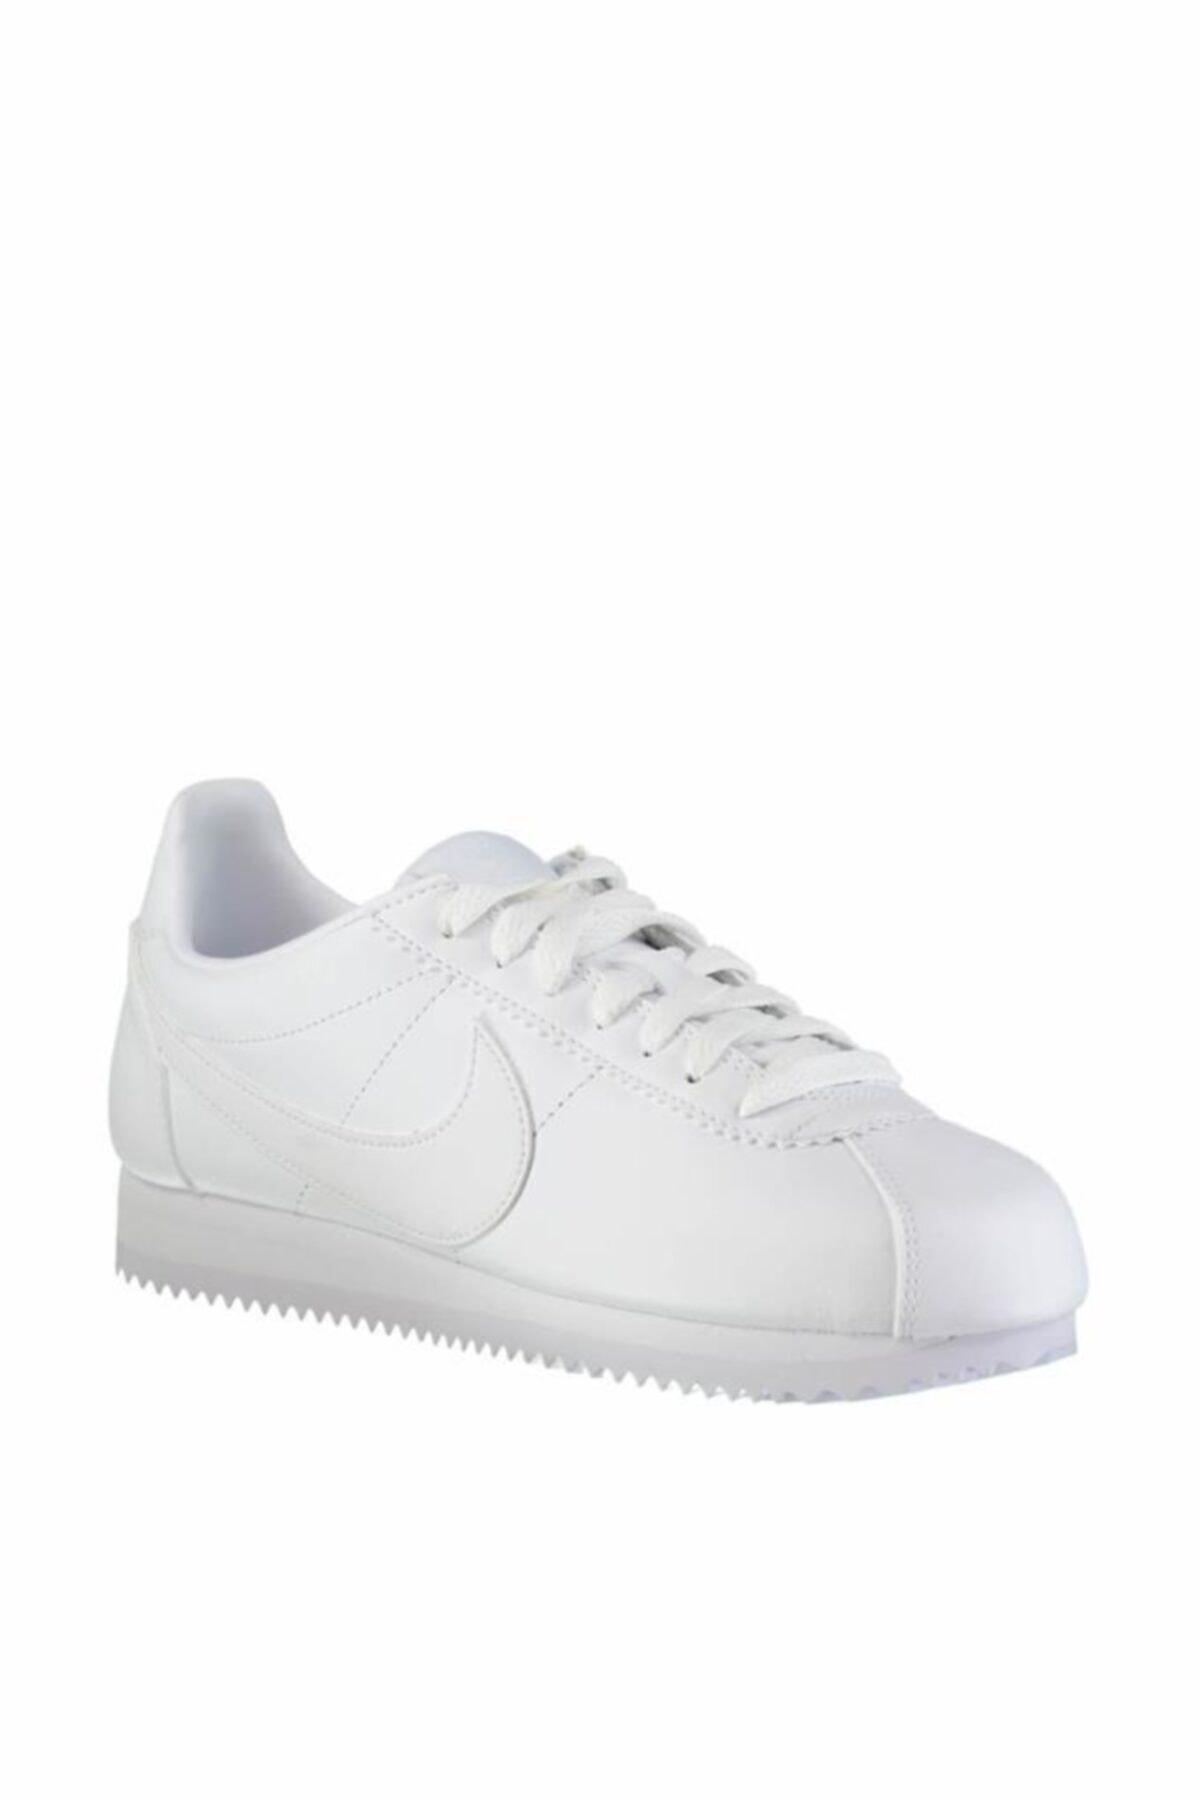 Nike Classic Cortez Leather 807471-102 Bayan Spor Ayakkabı 2